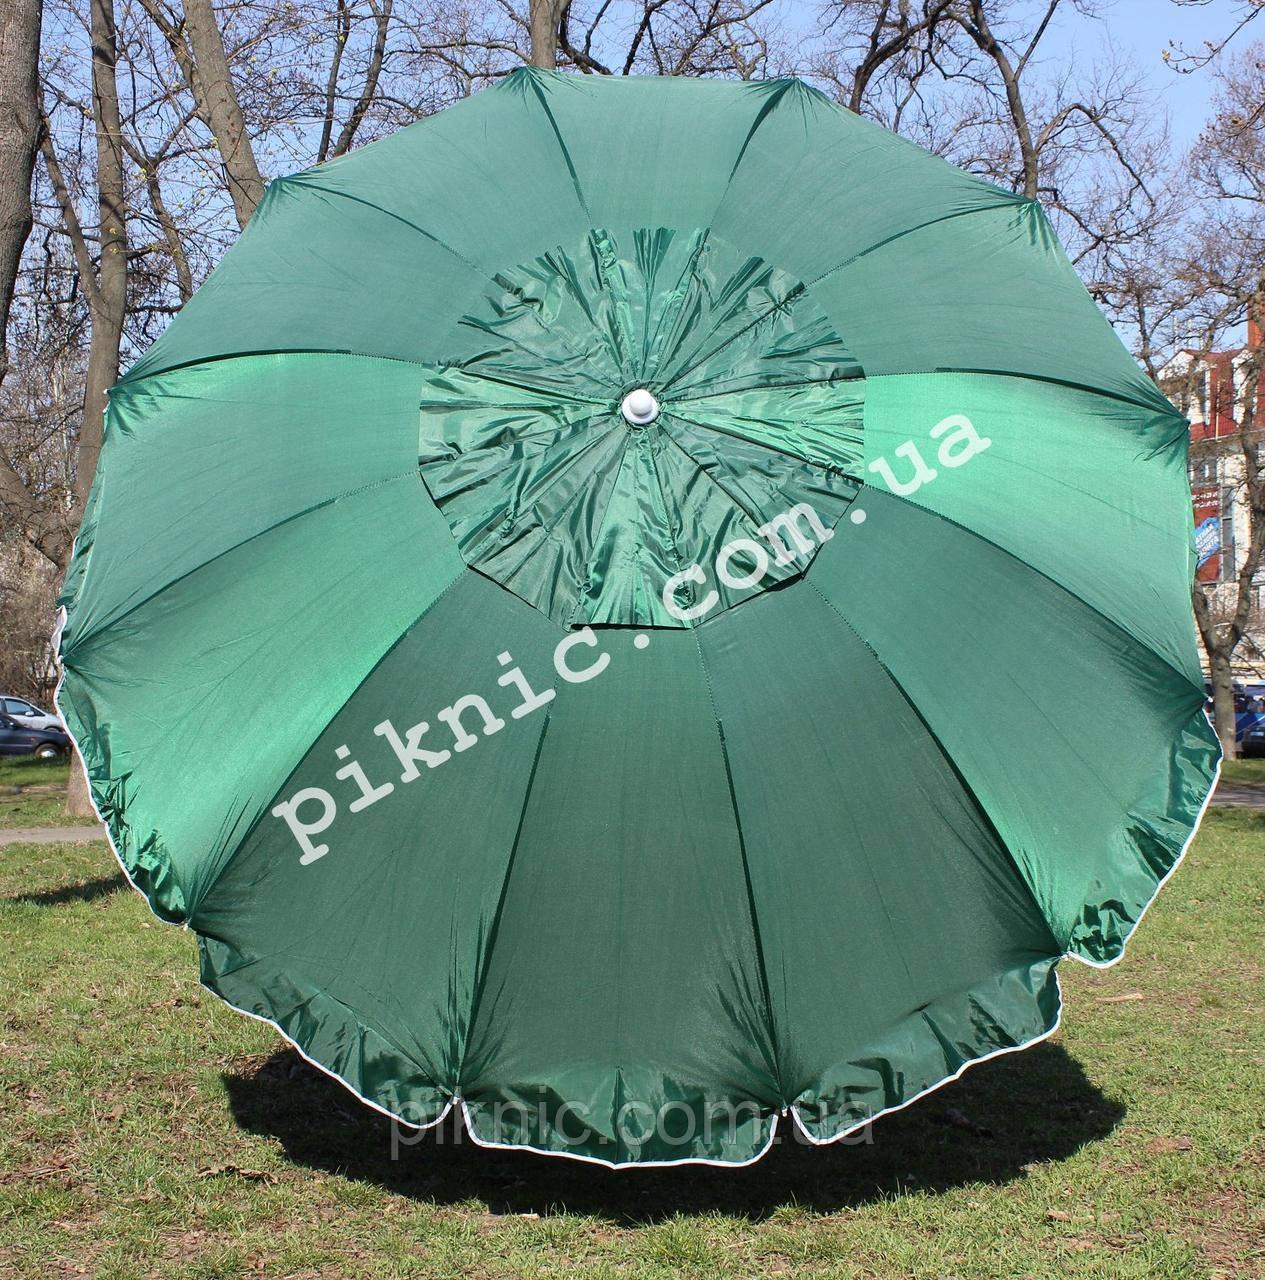 Зонт торговый 2,8м с клапаном 12 спиц круглый. Усиленный зонт для торговли на улице!